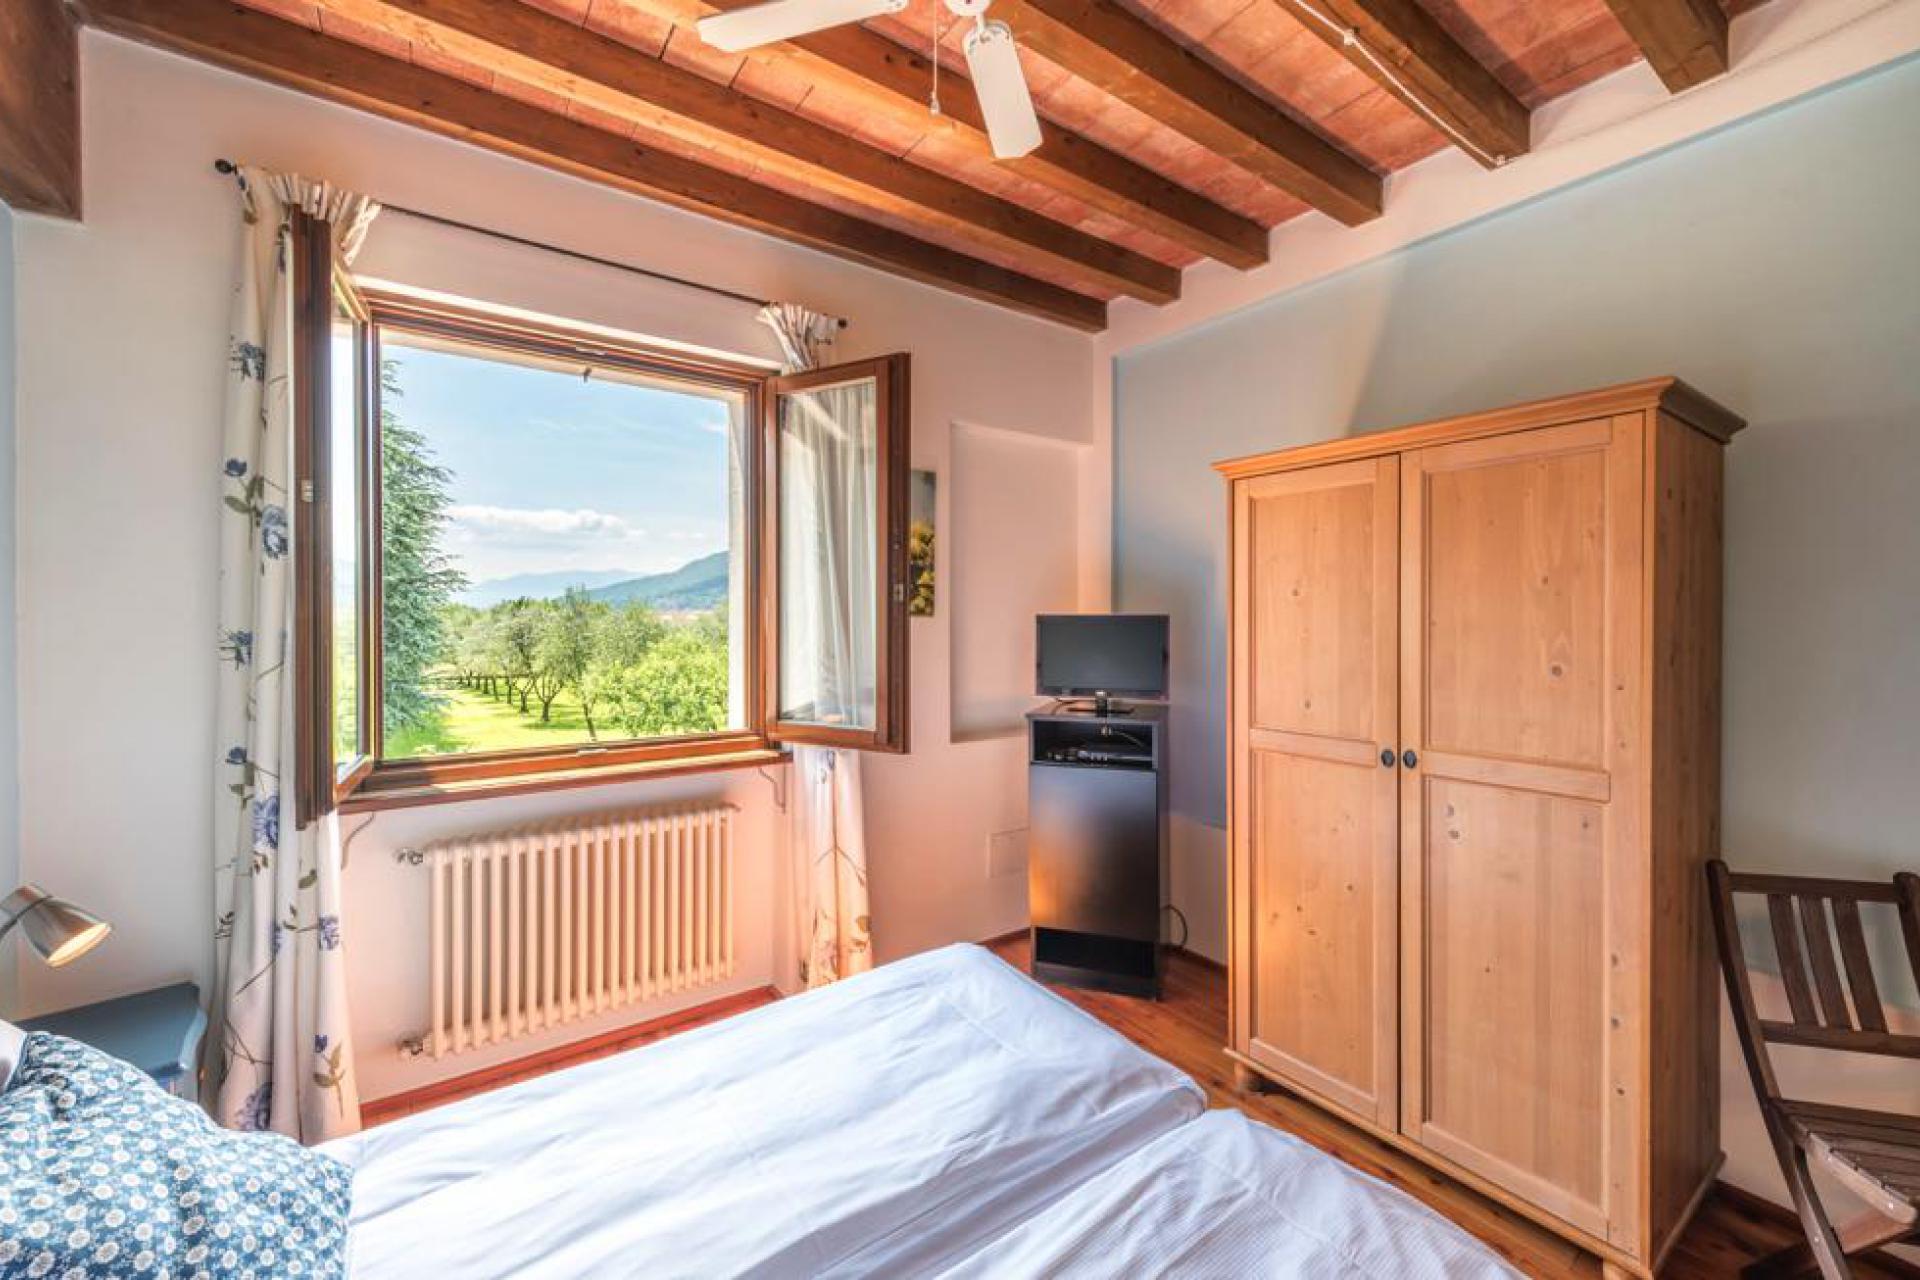 Agriturismo Comer See und Gardasee Agriturismo wenige Gehminuten vom Comer See entfernt   myitalyselection.de